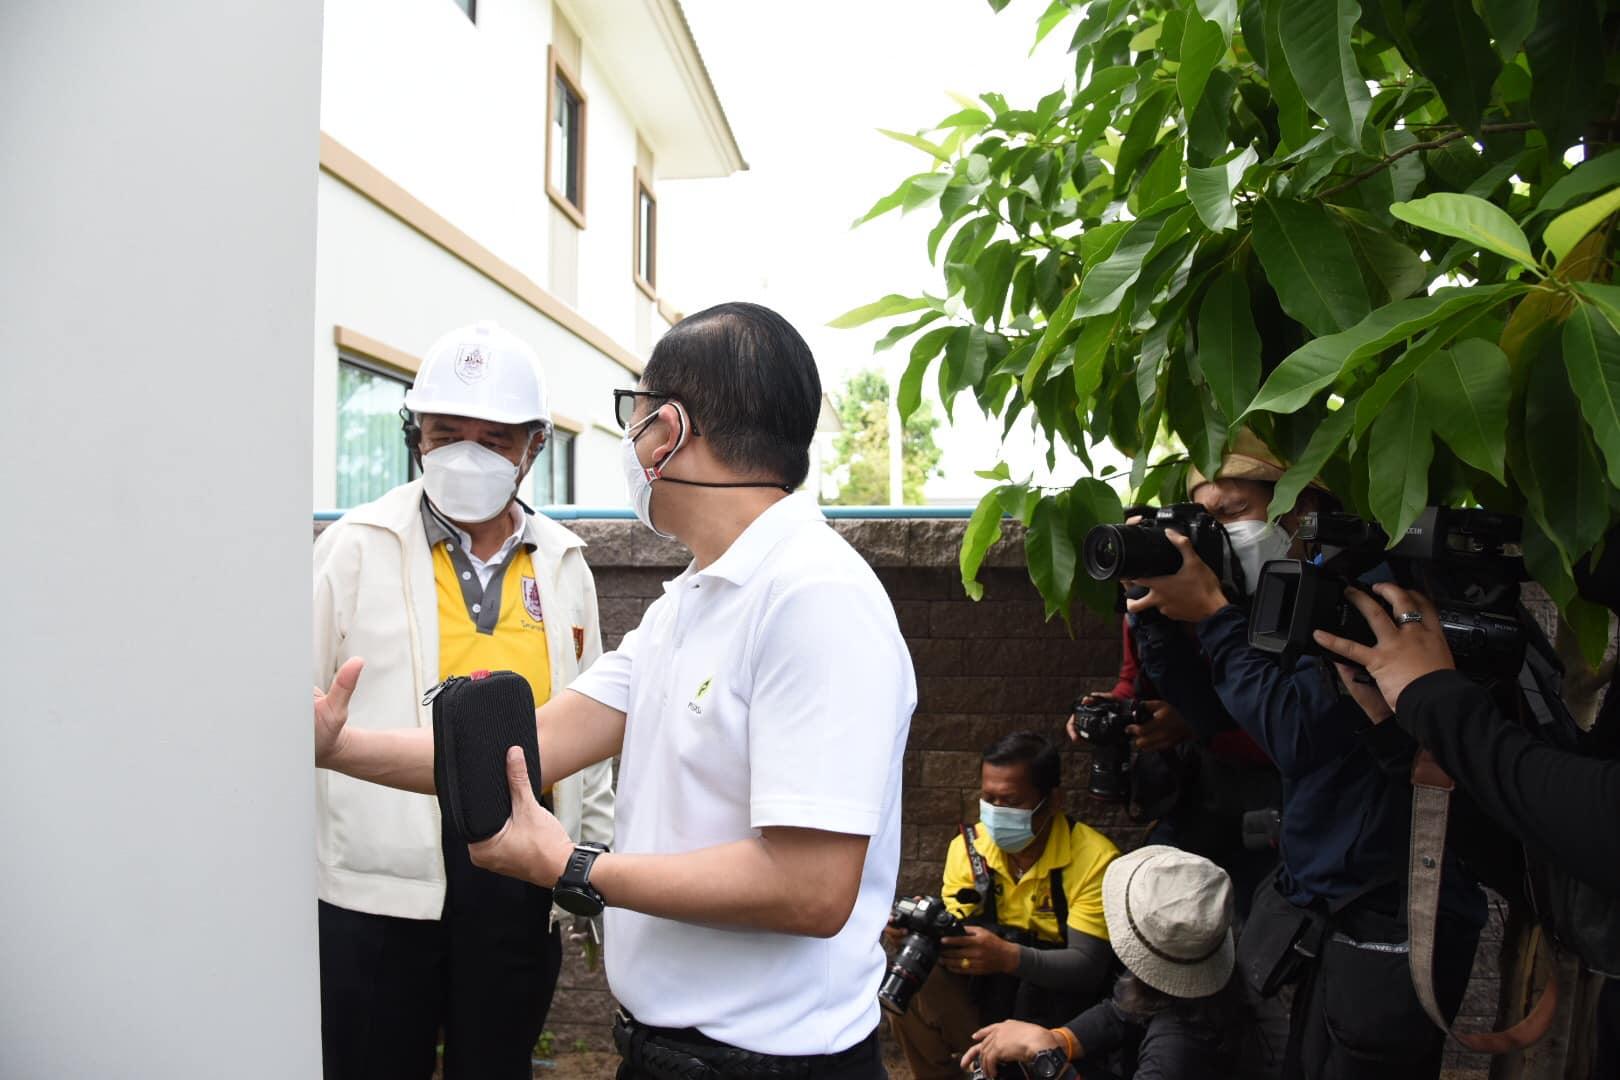 วิศวกรรมสถานแห่งประเทศไทย ในพระบรมราชูปถัมภ์ (วสท.) นำวิศวกรอาสา เพื่อลงพื้นที่ตรวจสอบความเสียหายของอาคารที่ได้รับผลกระทบจากเหตุการณ์เพลิงไหม้ และแรงระเบิด ที่จังหวัดสมุทรปราการ 2